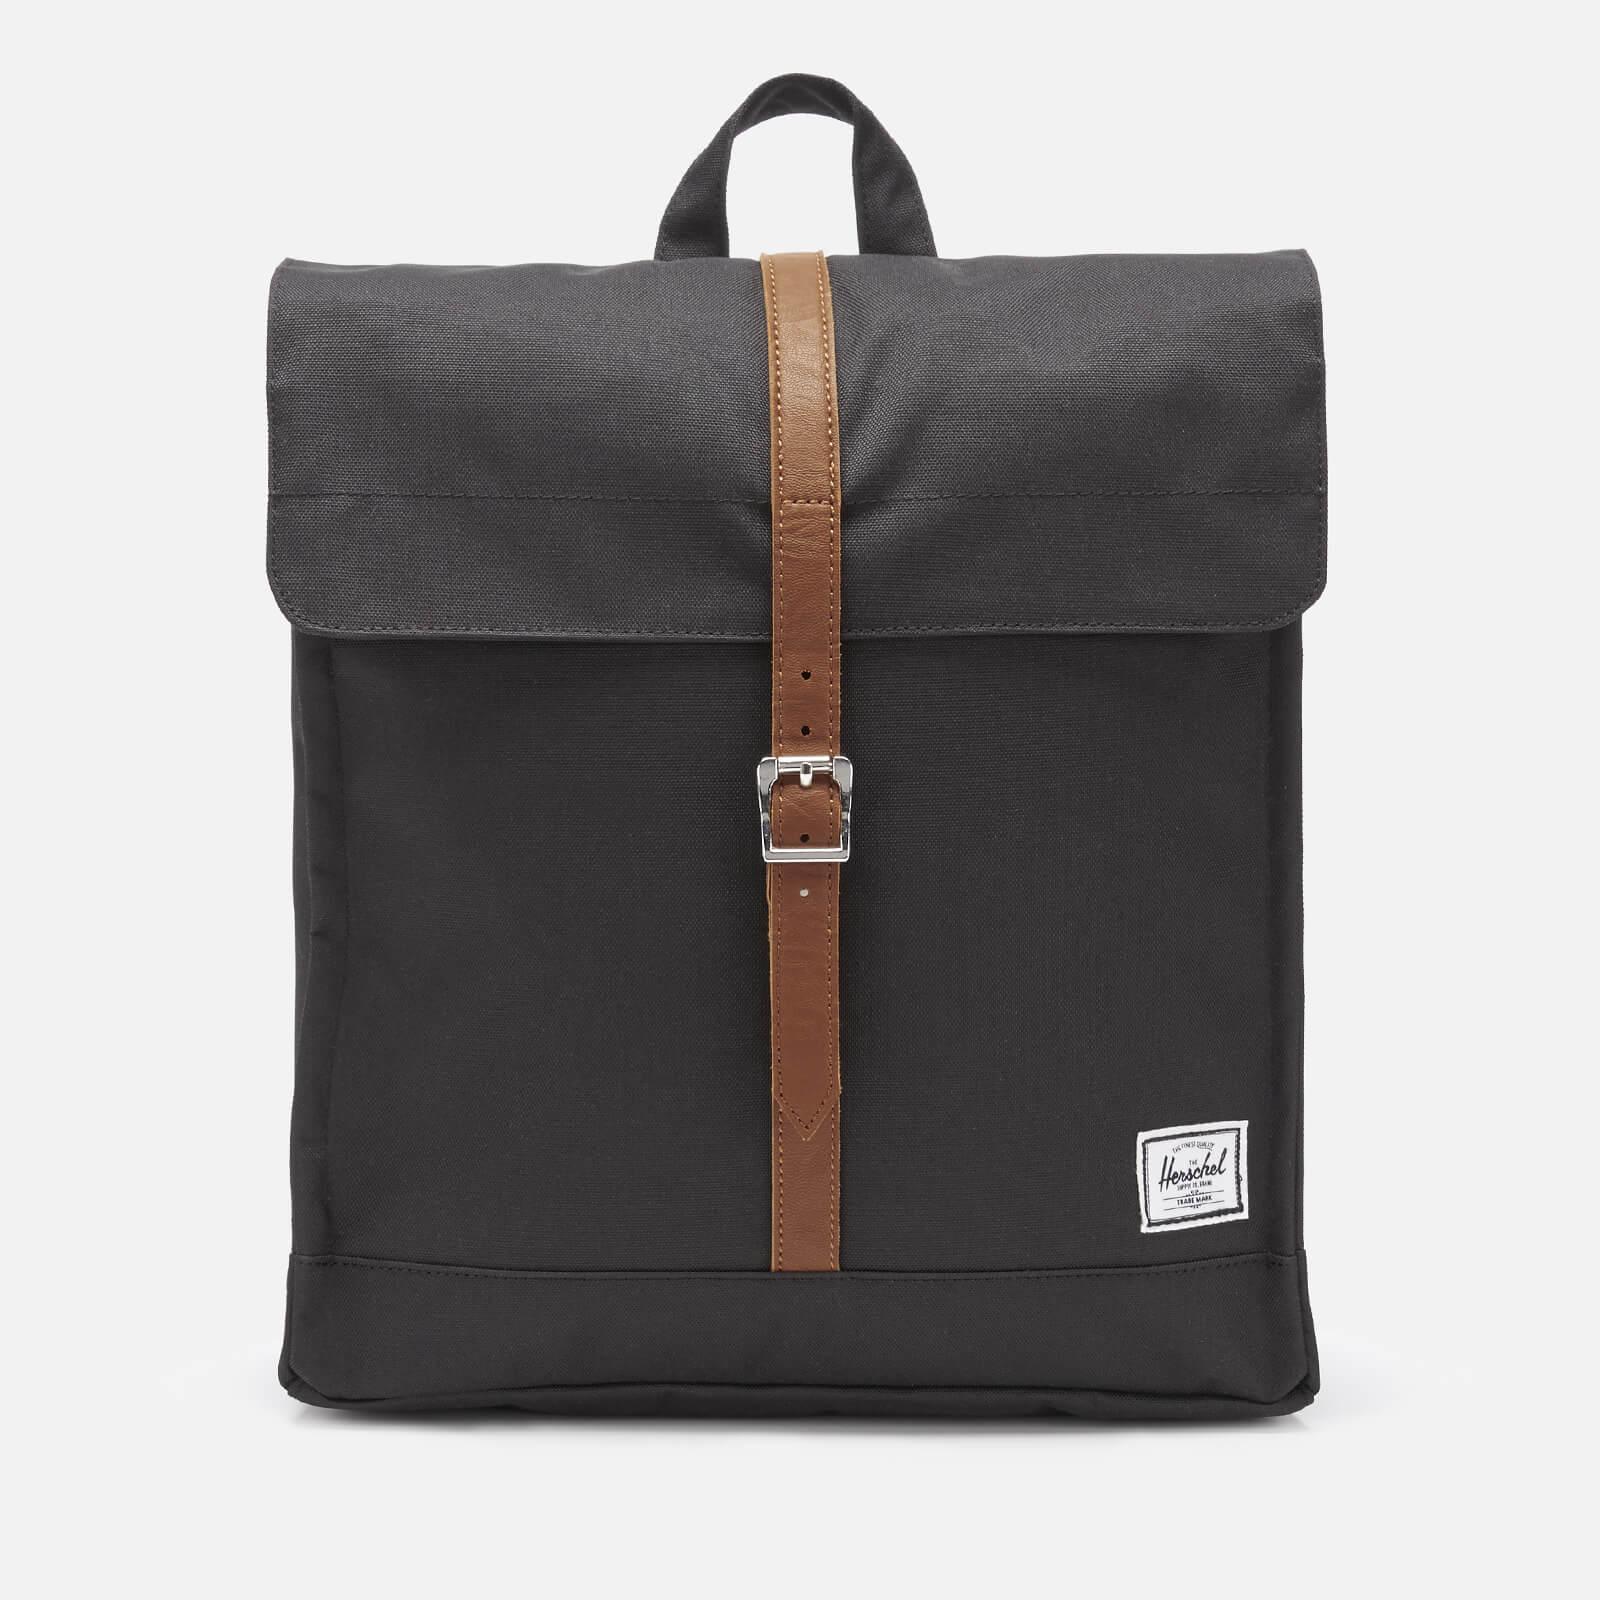 Herschel Supply Co. Men's City Mid Volume Bag - Black